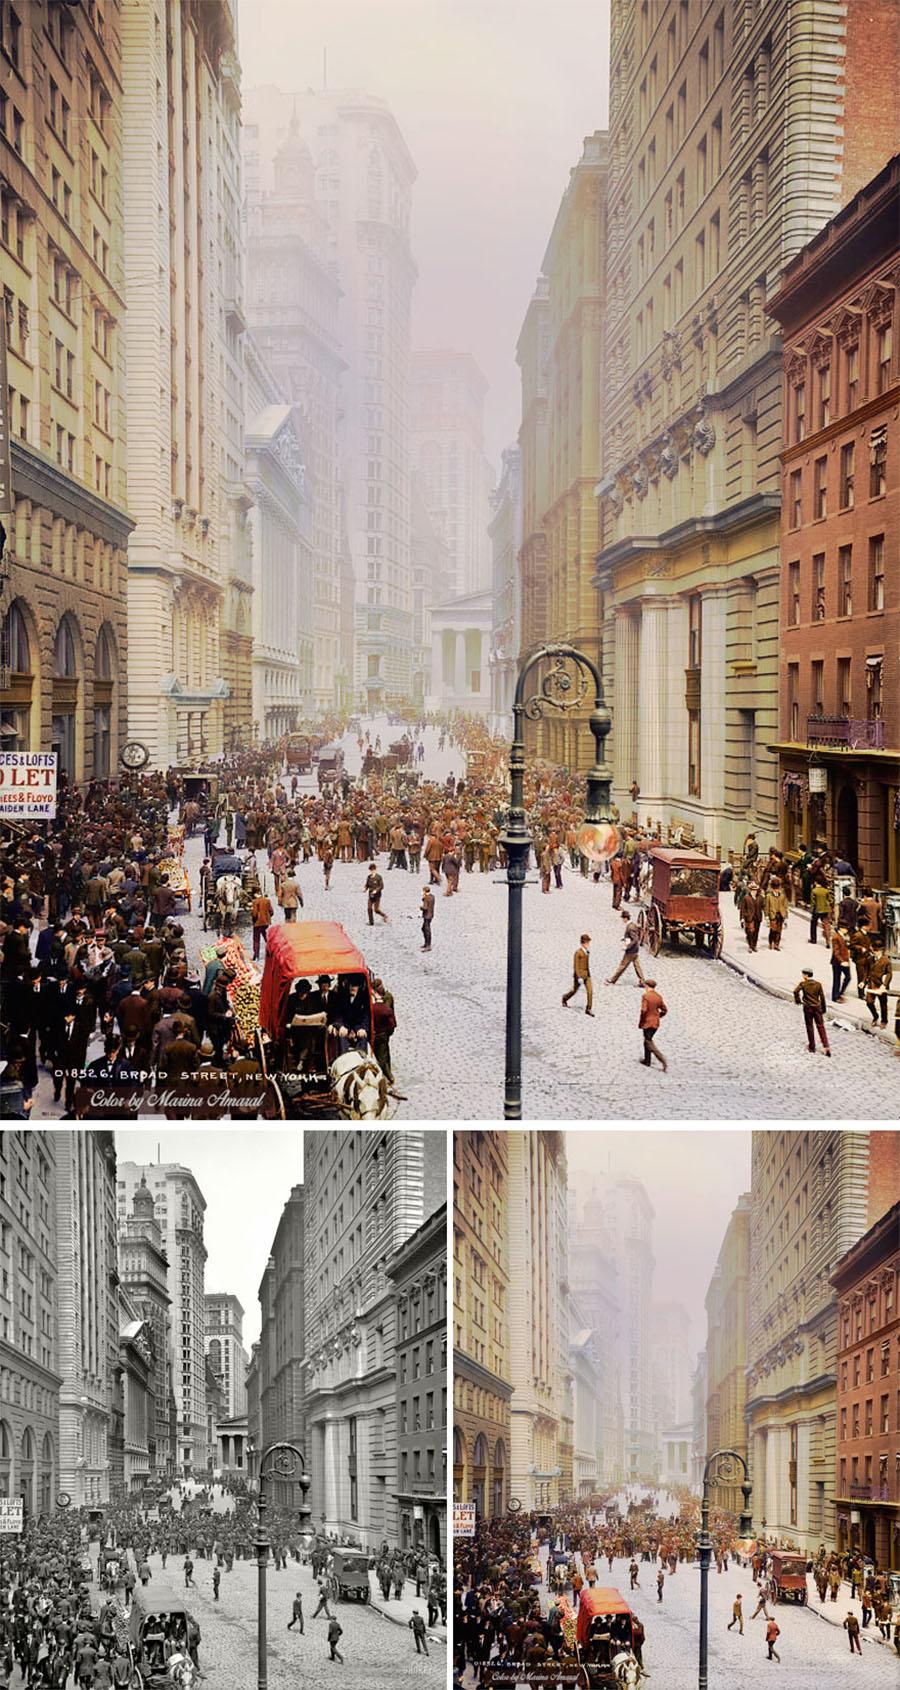 Un artista le da color a fotografías en blanco y negro y a la historia 09